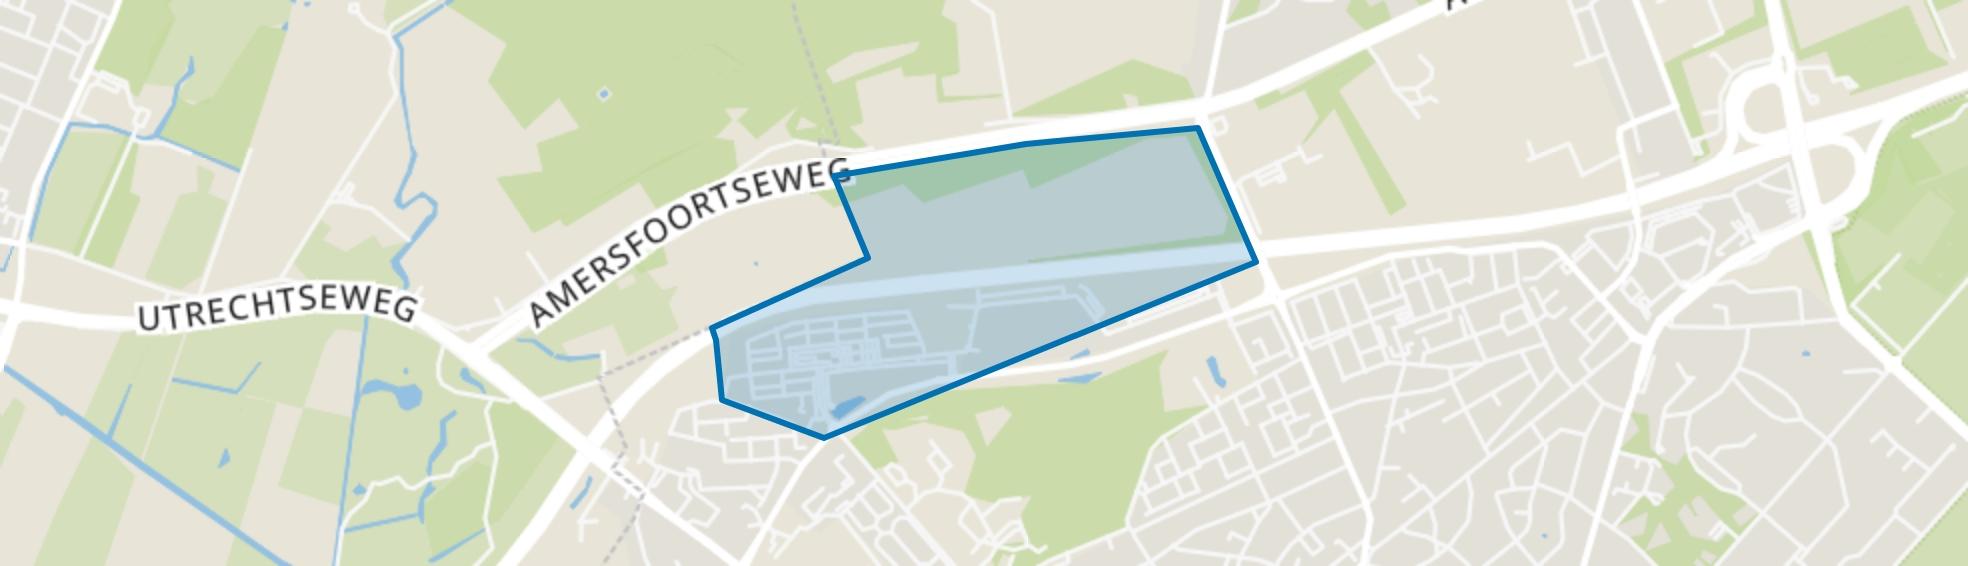 Vollenhove, Zeist map